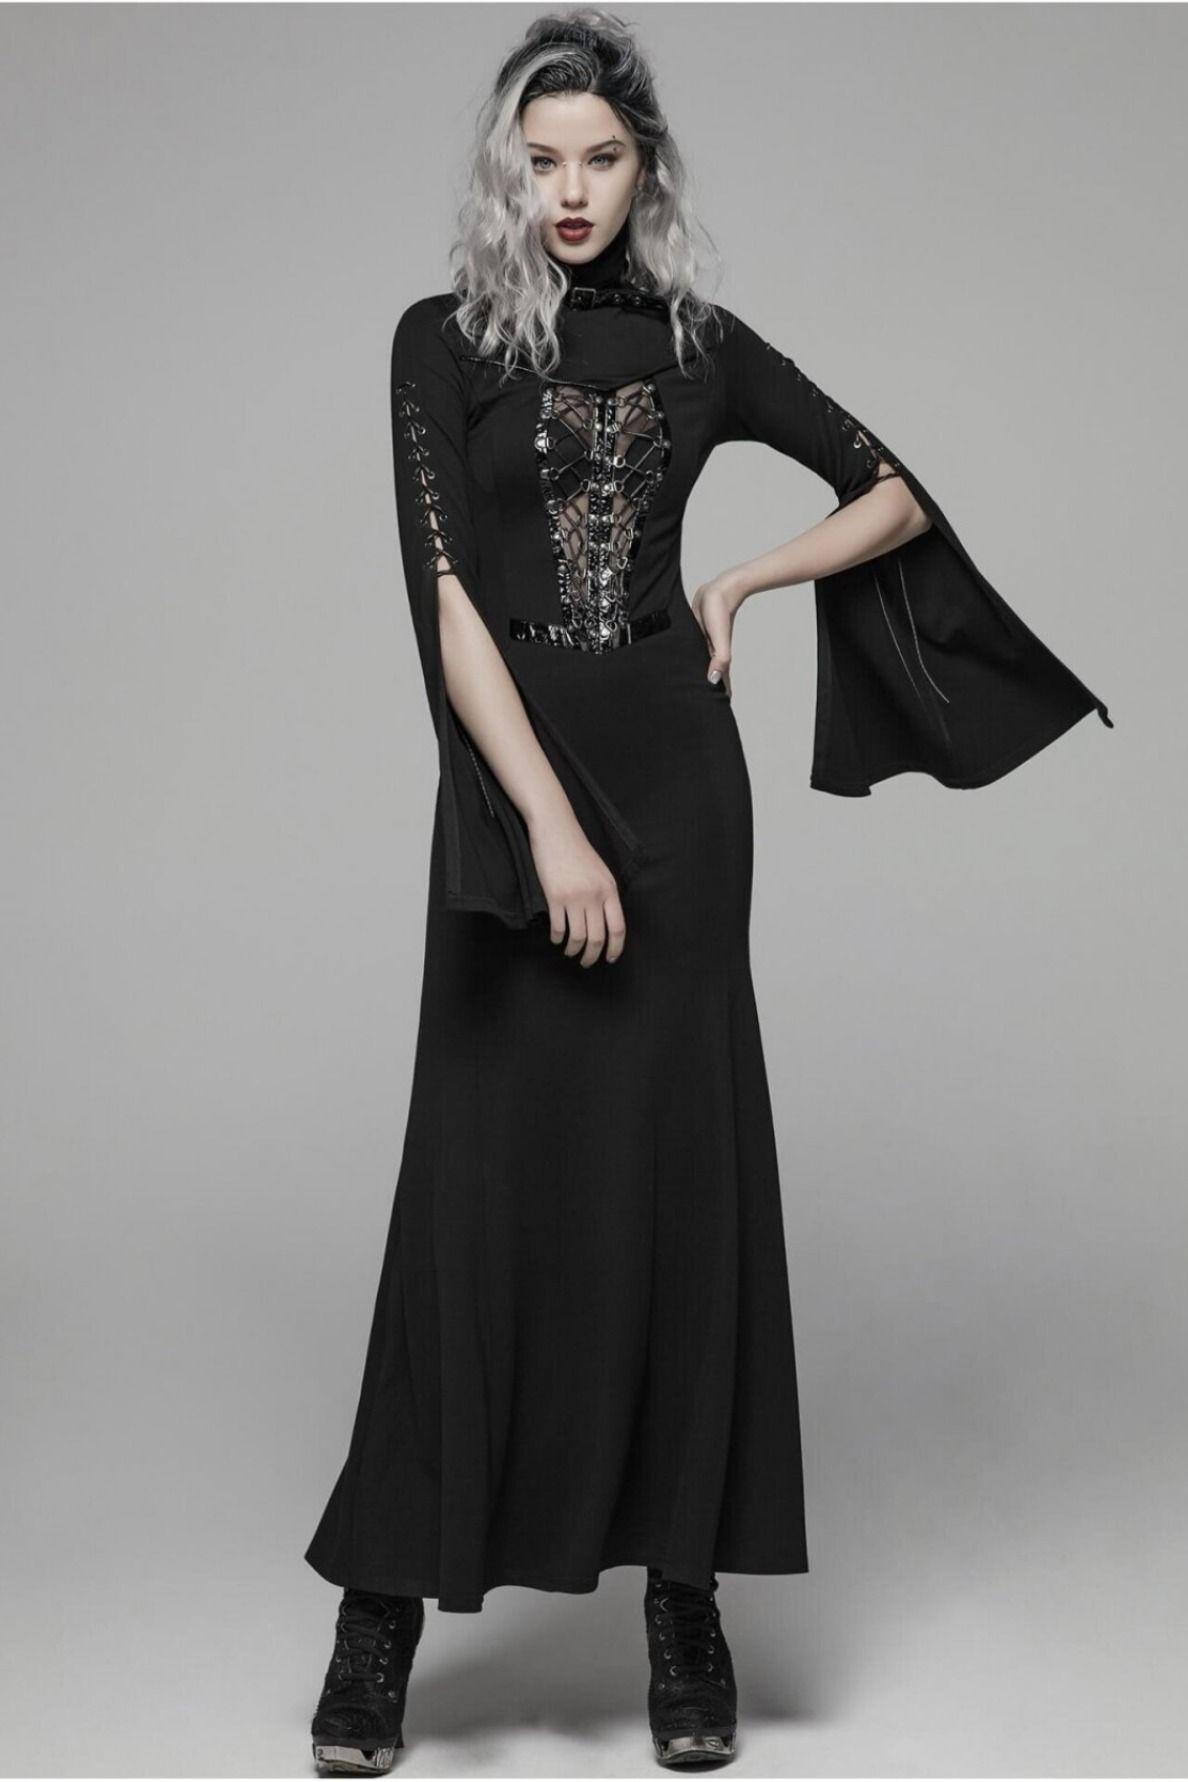 Gothic Kleider Frauen: Langes Kleid mit Trompetenärmel  Gothic